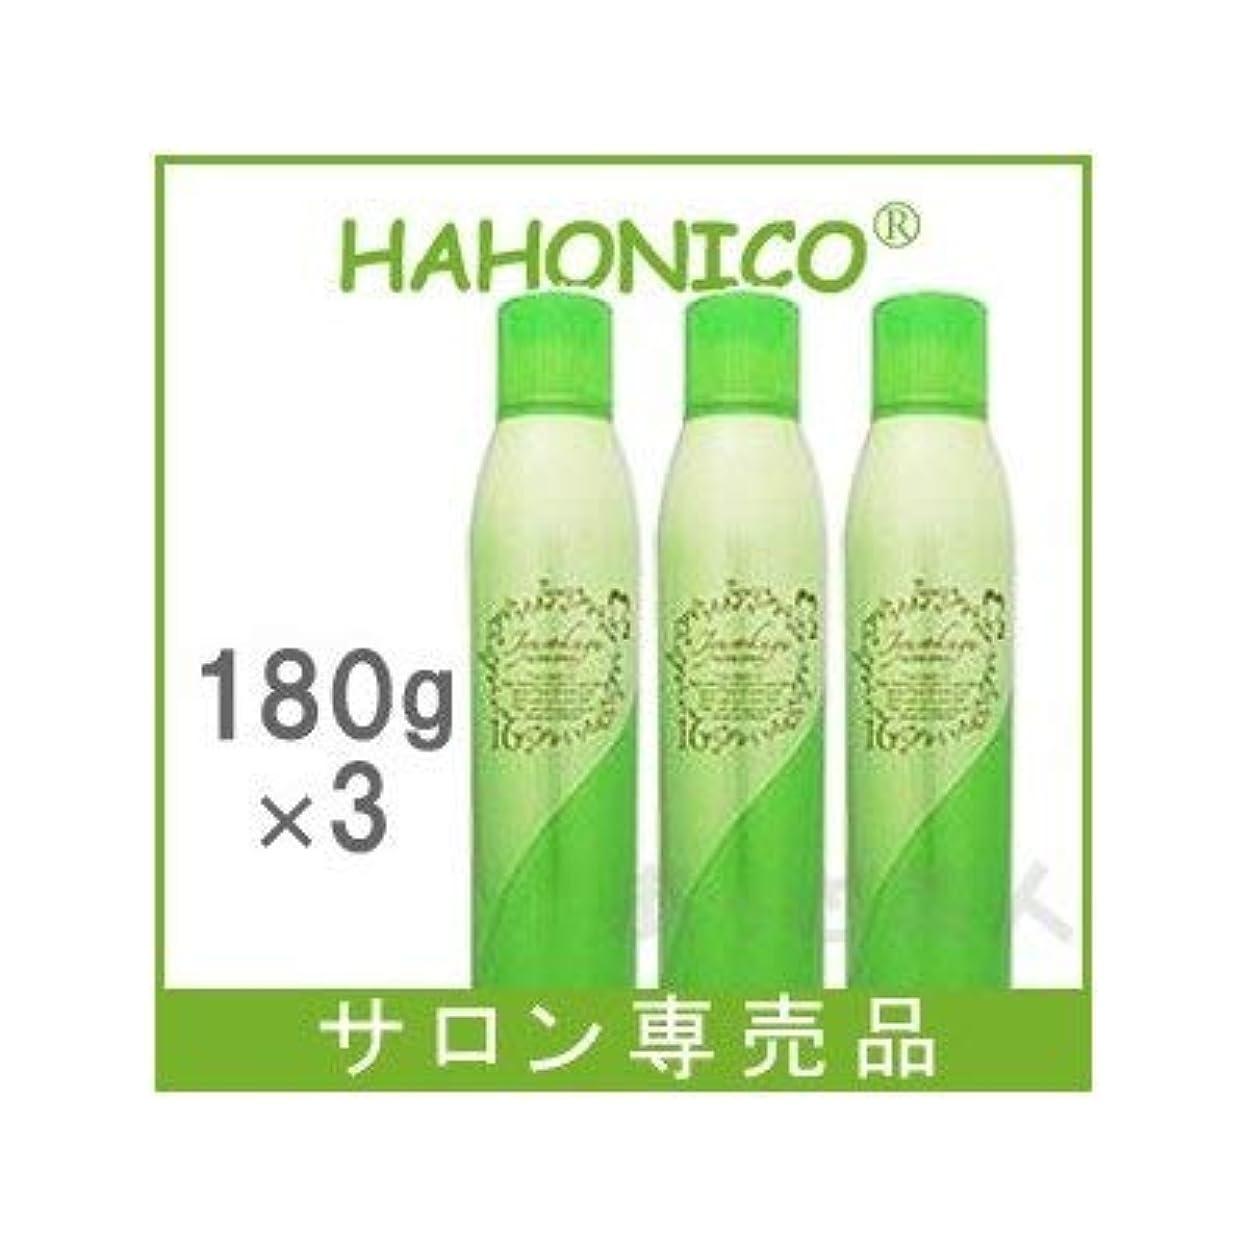 泥棒ルール悪夢【X3個セット】 ハホニコ ジュウロクユ ツヤスプレー 180g 十六油 HAHONICO